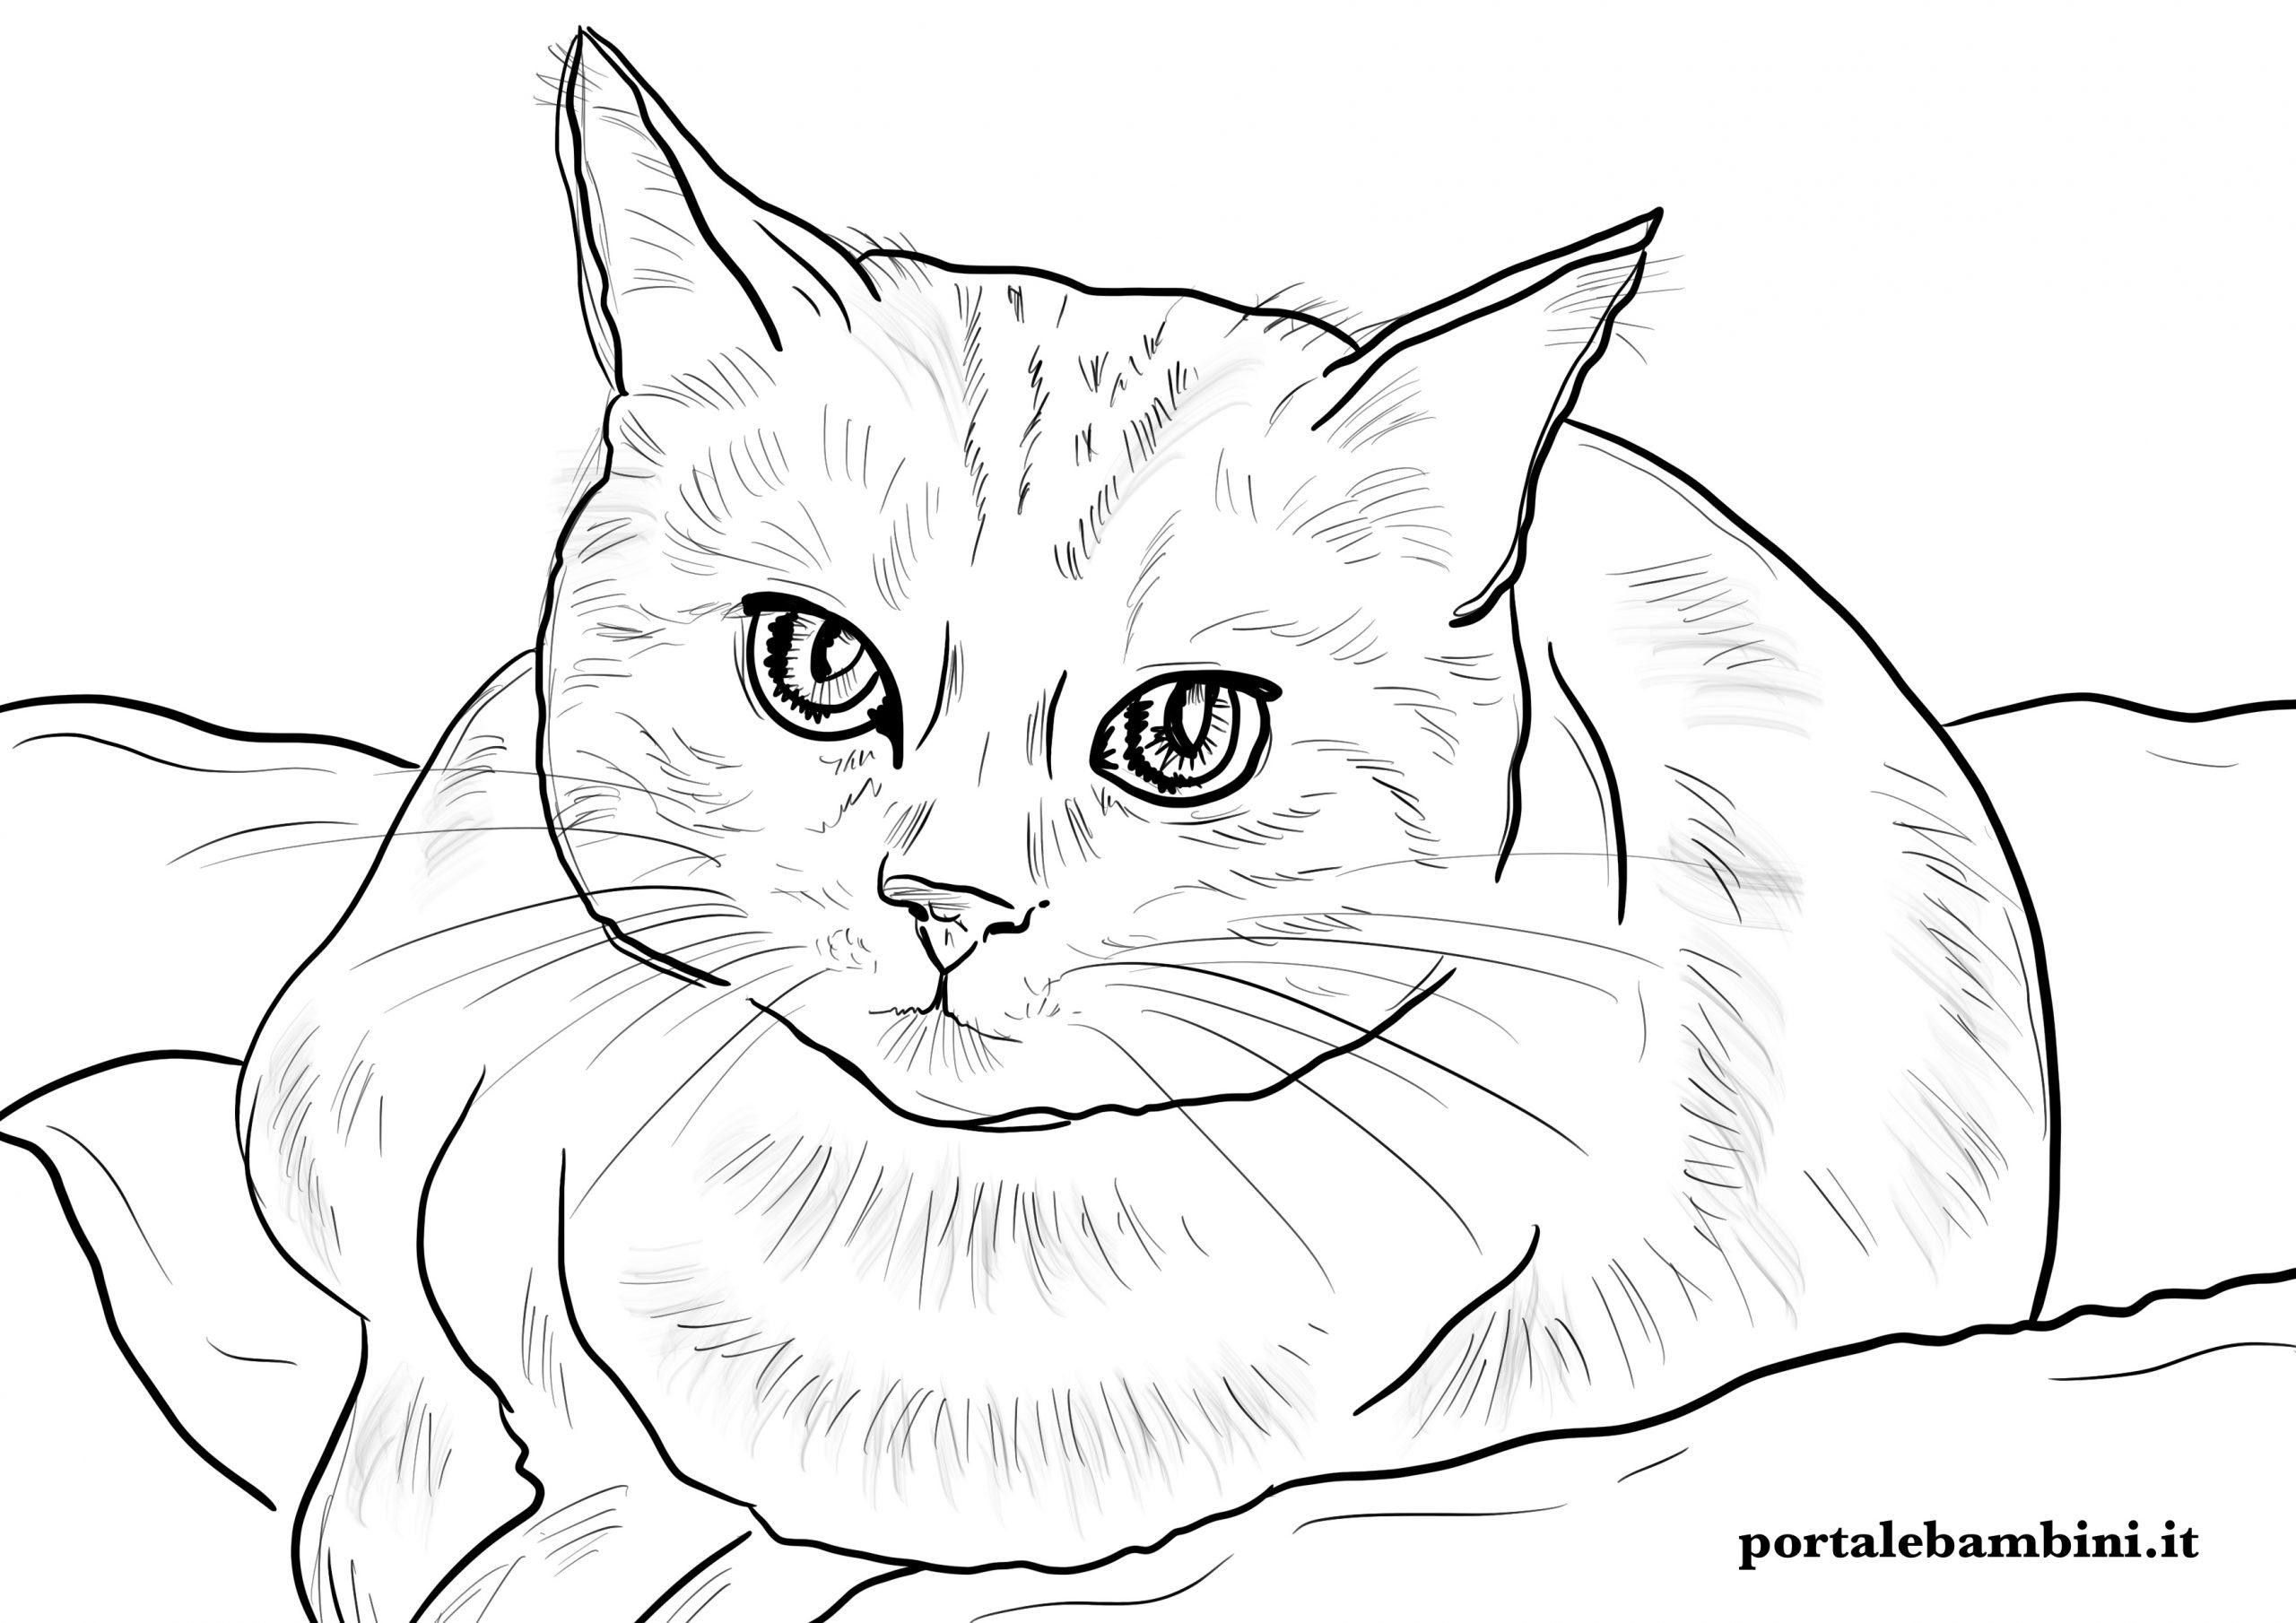 disegni di gatti da stampare e colorare per bambini